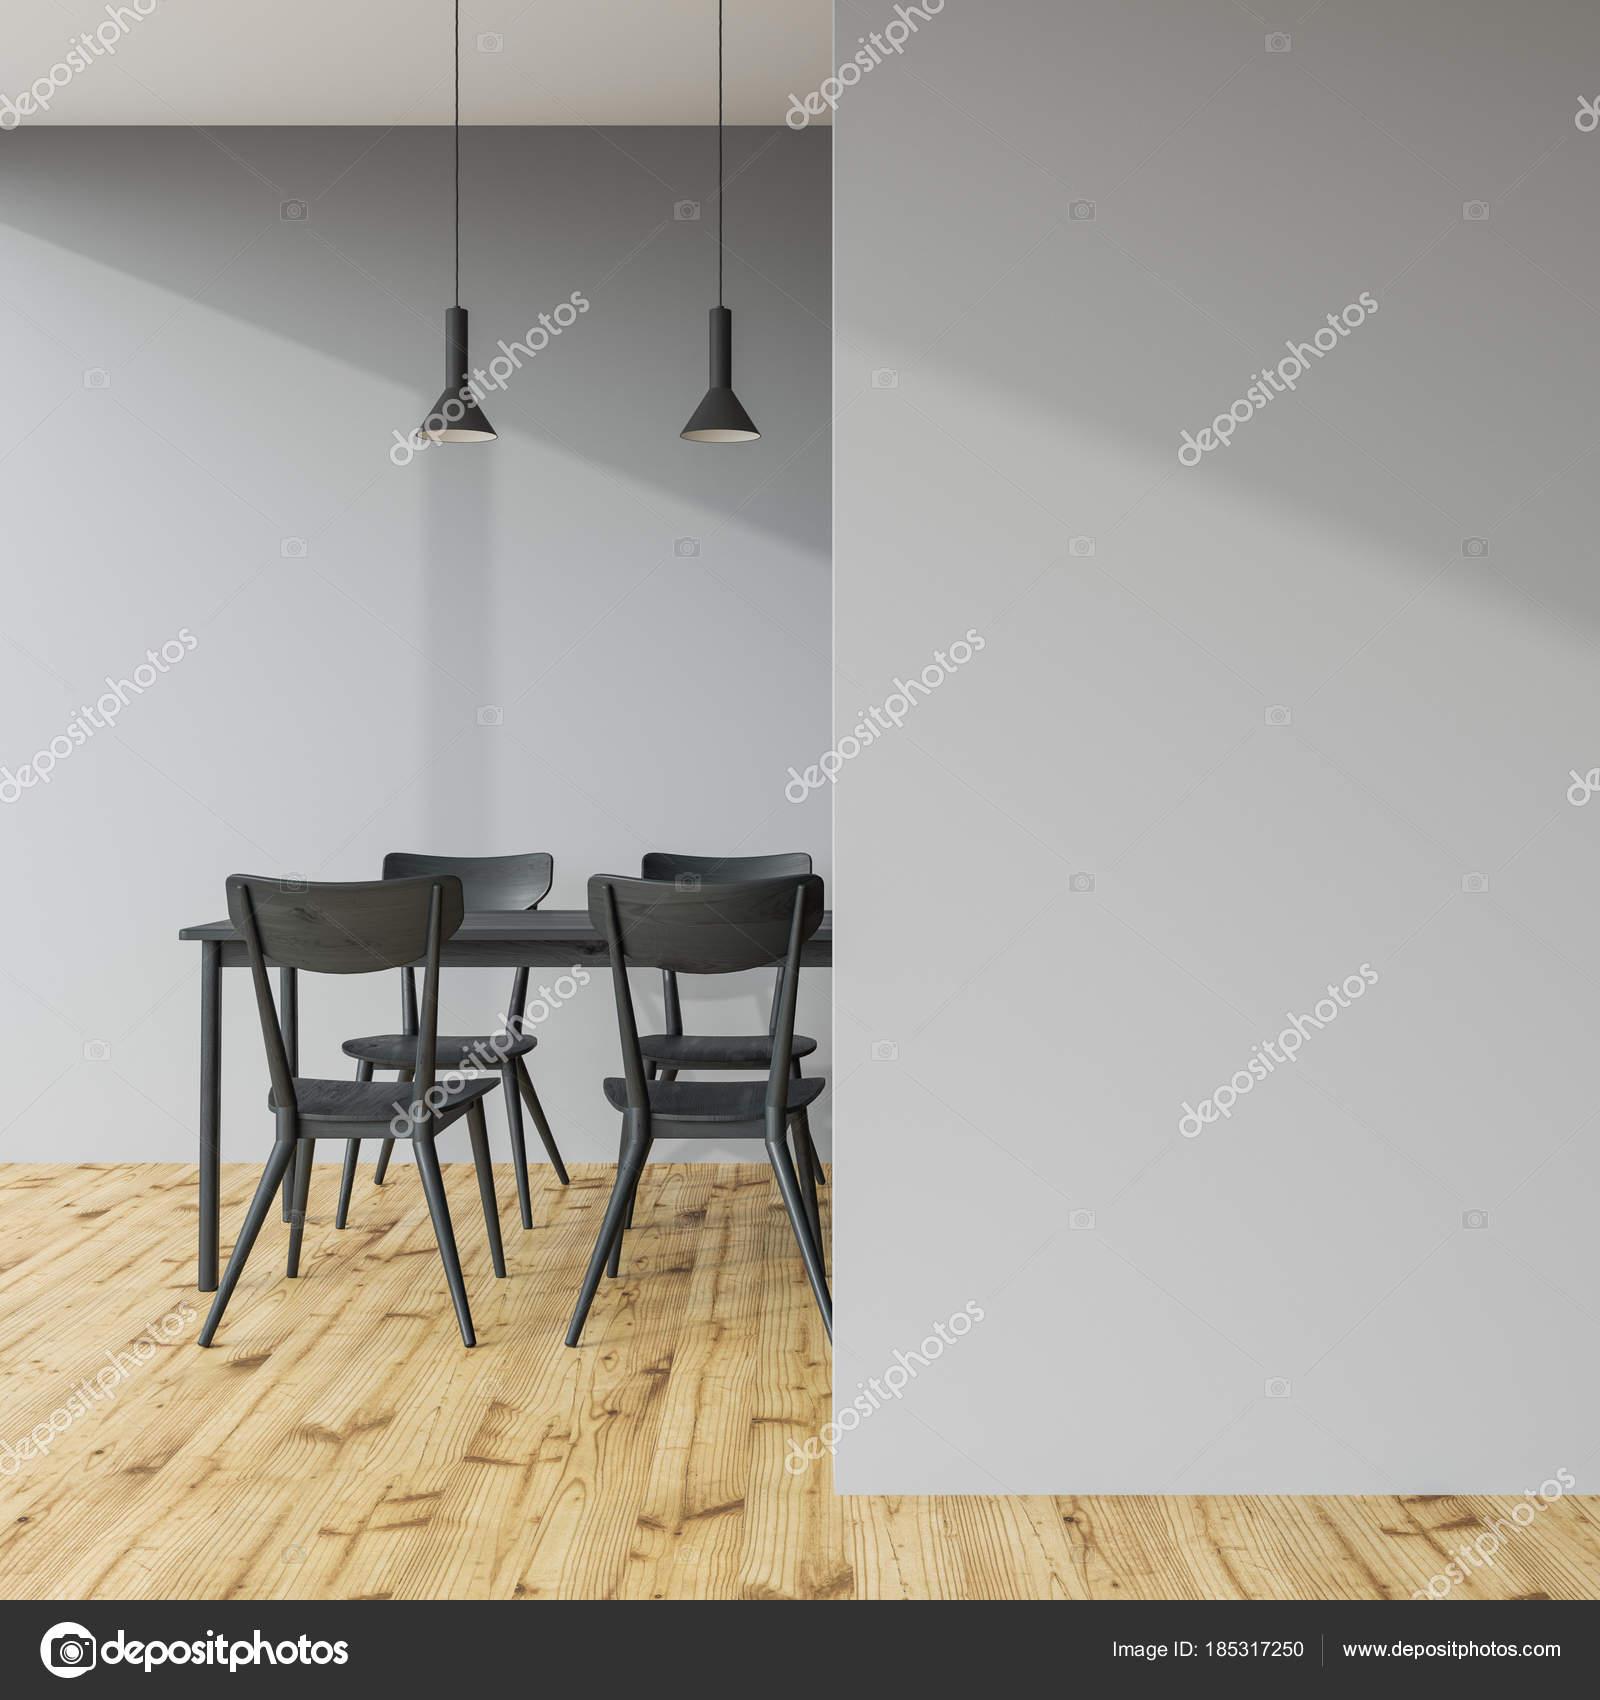 Dunkel Graue Esstisch In Einem Grauen Raum Wand Stockfoto